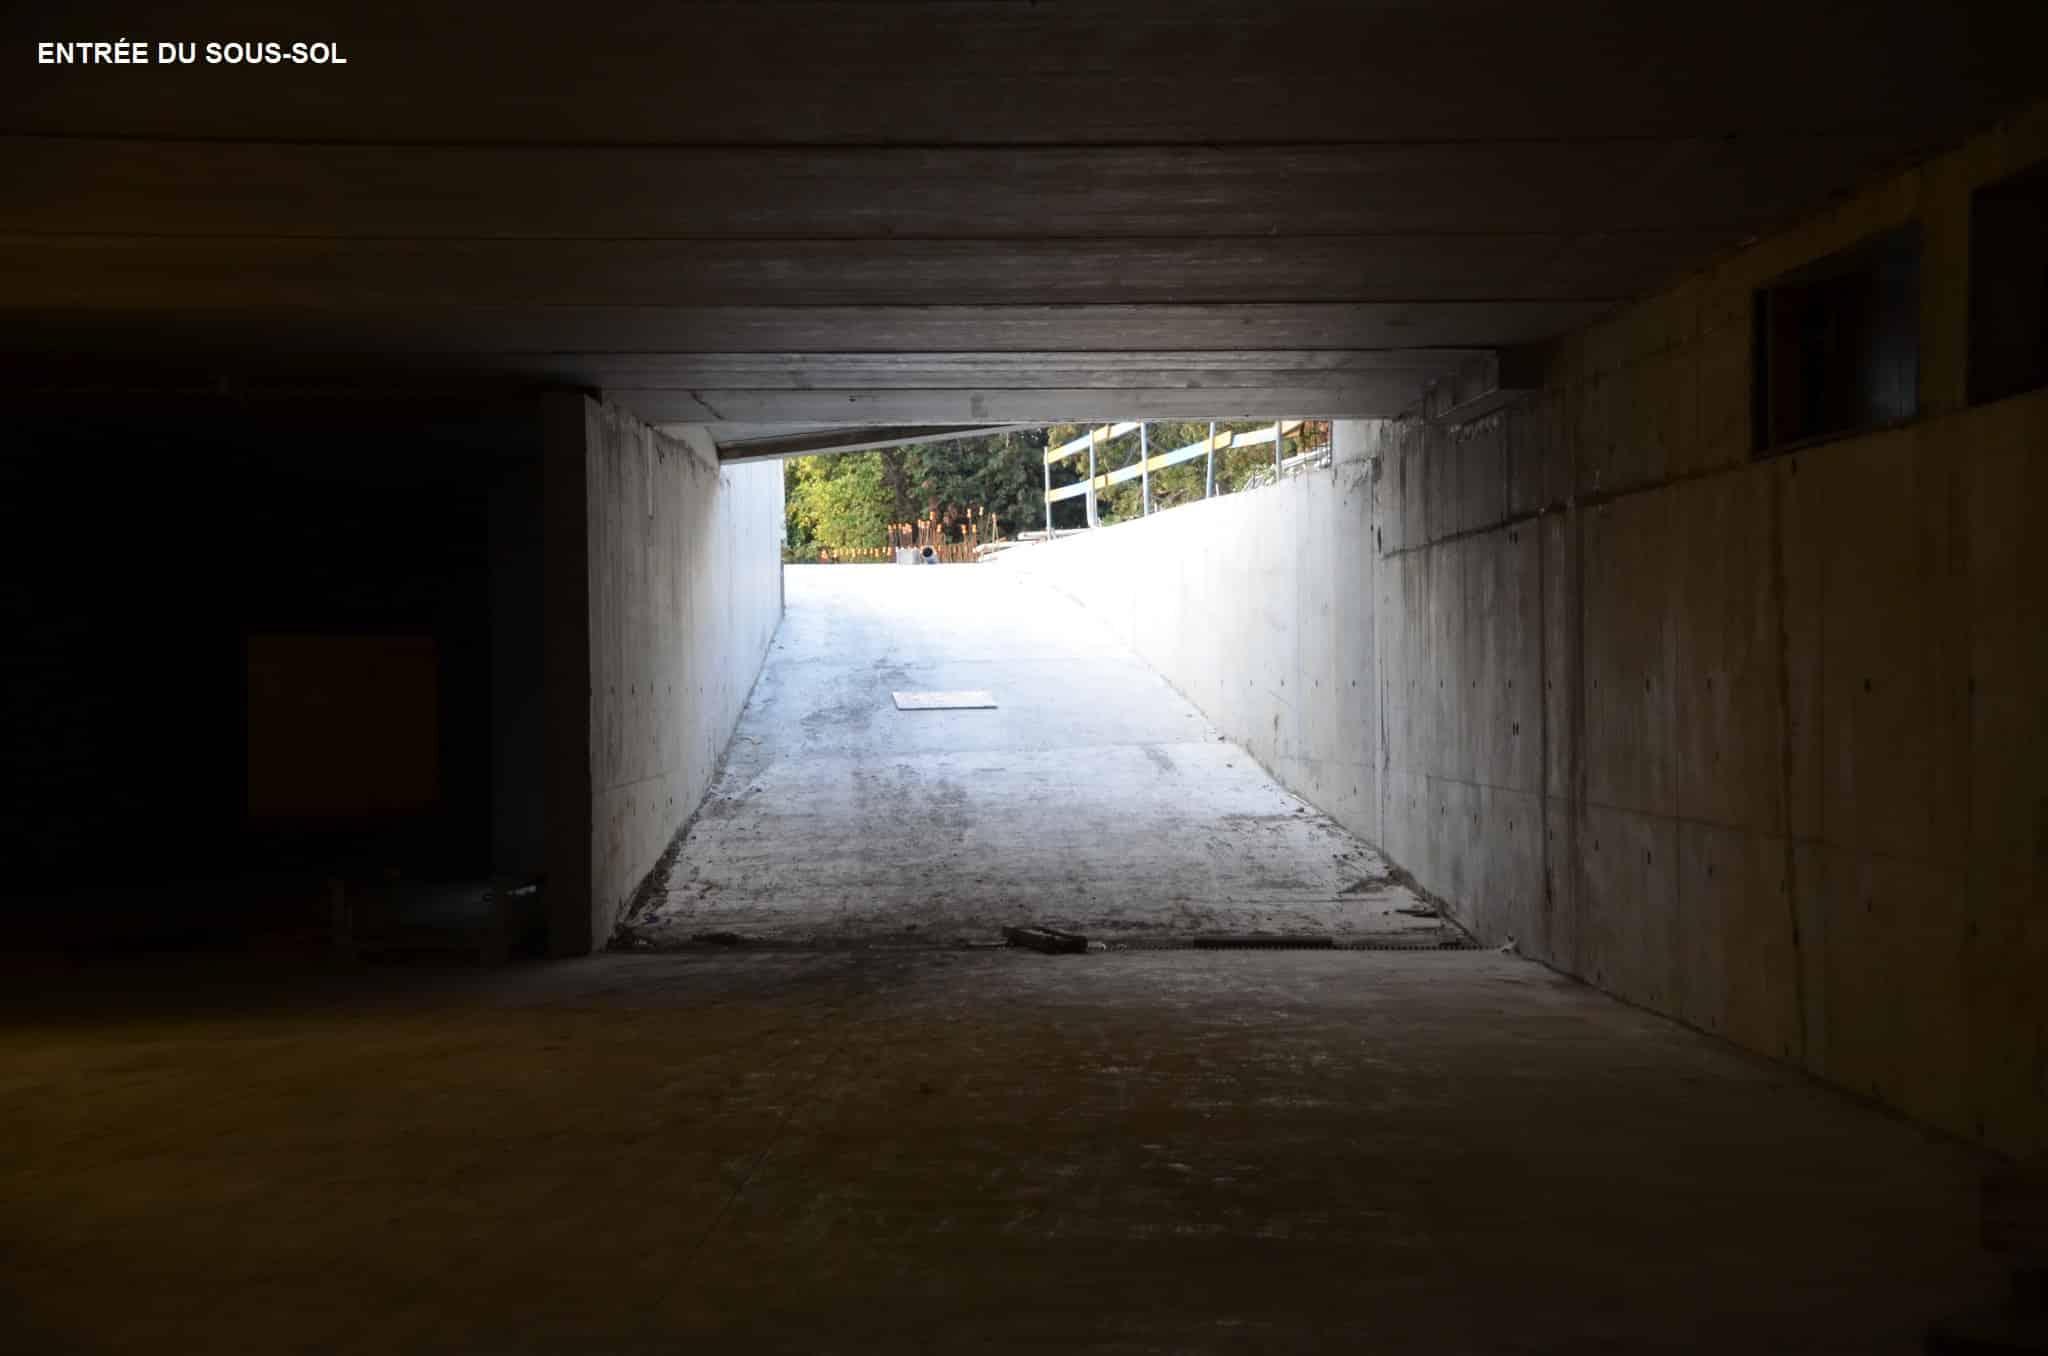 Enrée du sous sol du Centre Annour de Mulhouse